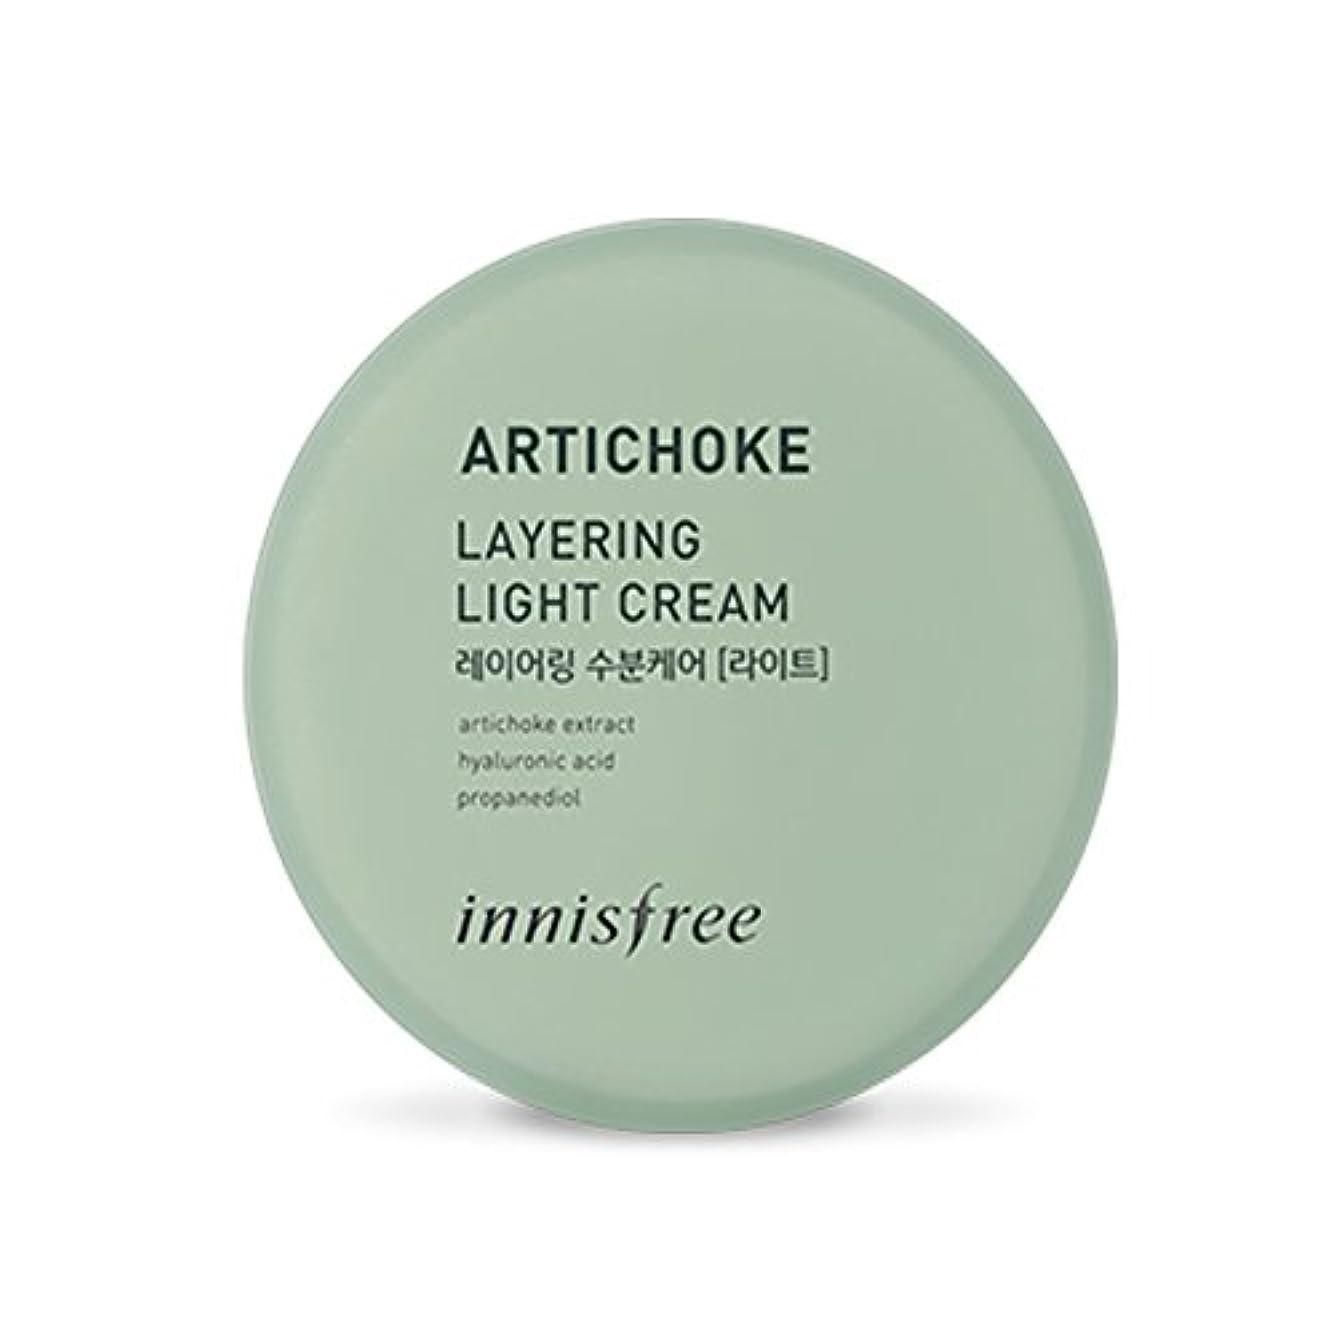 多数のルール医薬品イニスフリーアーティチョークレイヤーライトクリーム150ml Innisfree Artichoke Layering Light Cream 150ml [海外直送品] [並行輸入品]